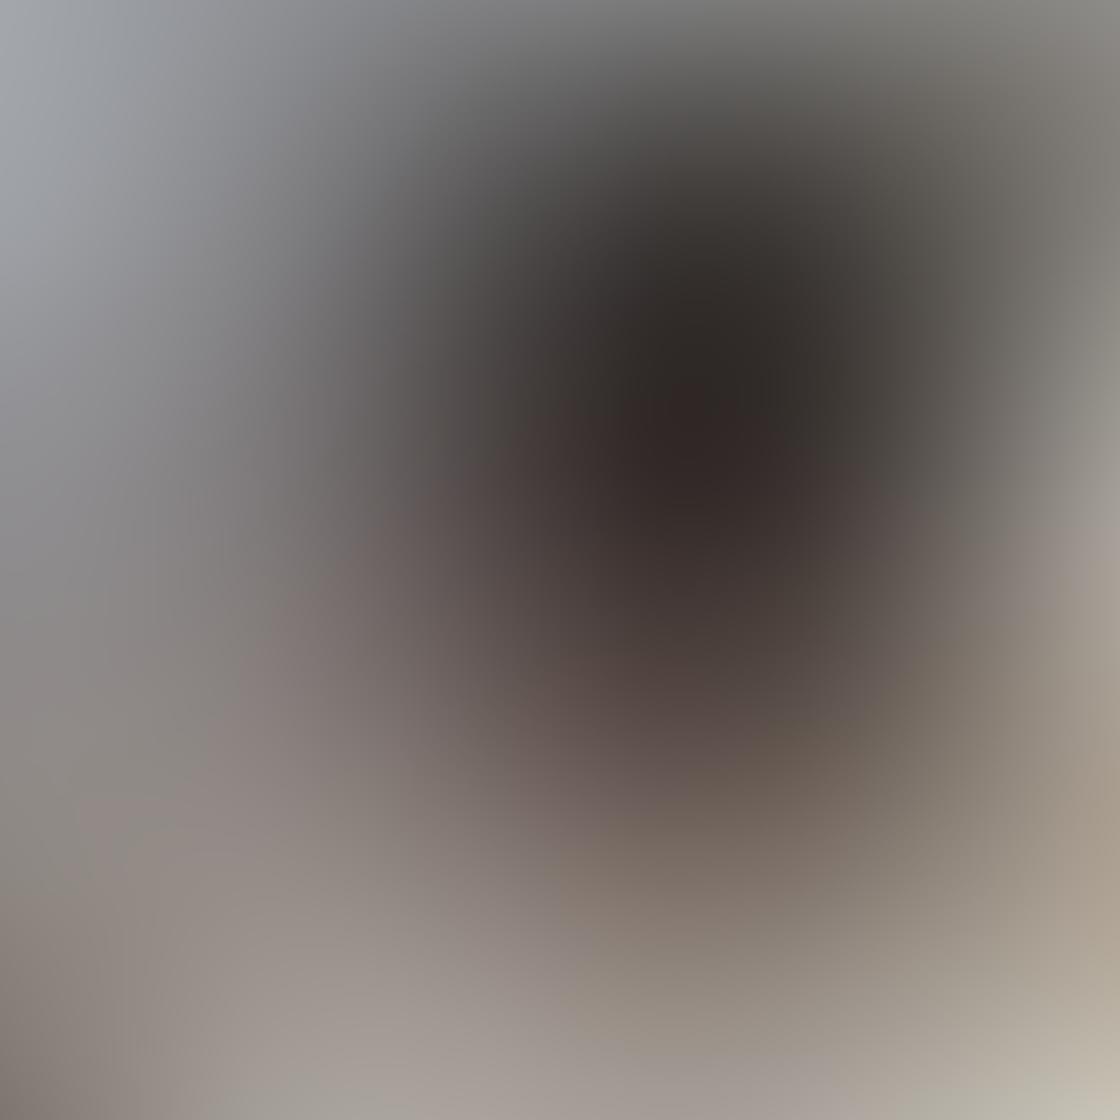 iPhone Photos Portrait Backgrounds 37